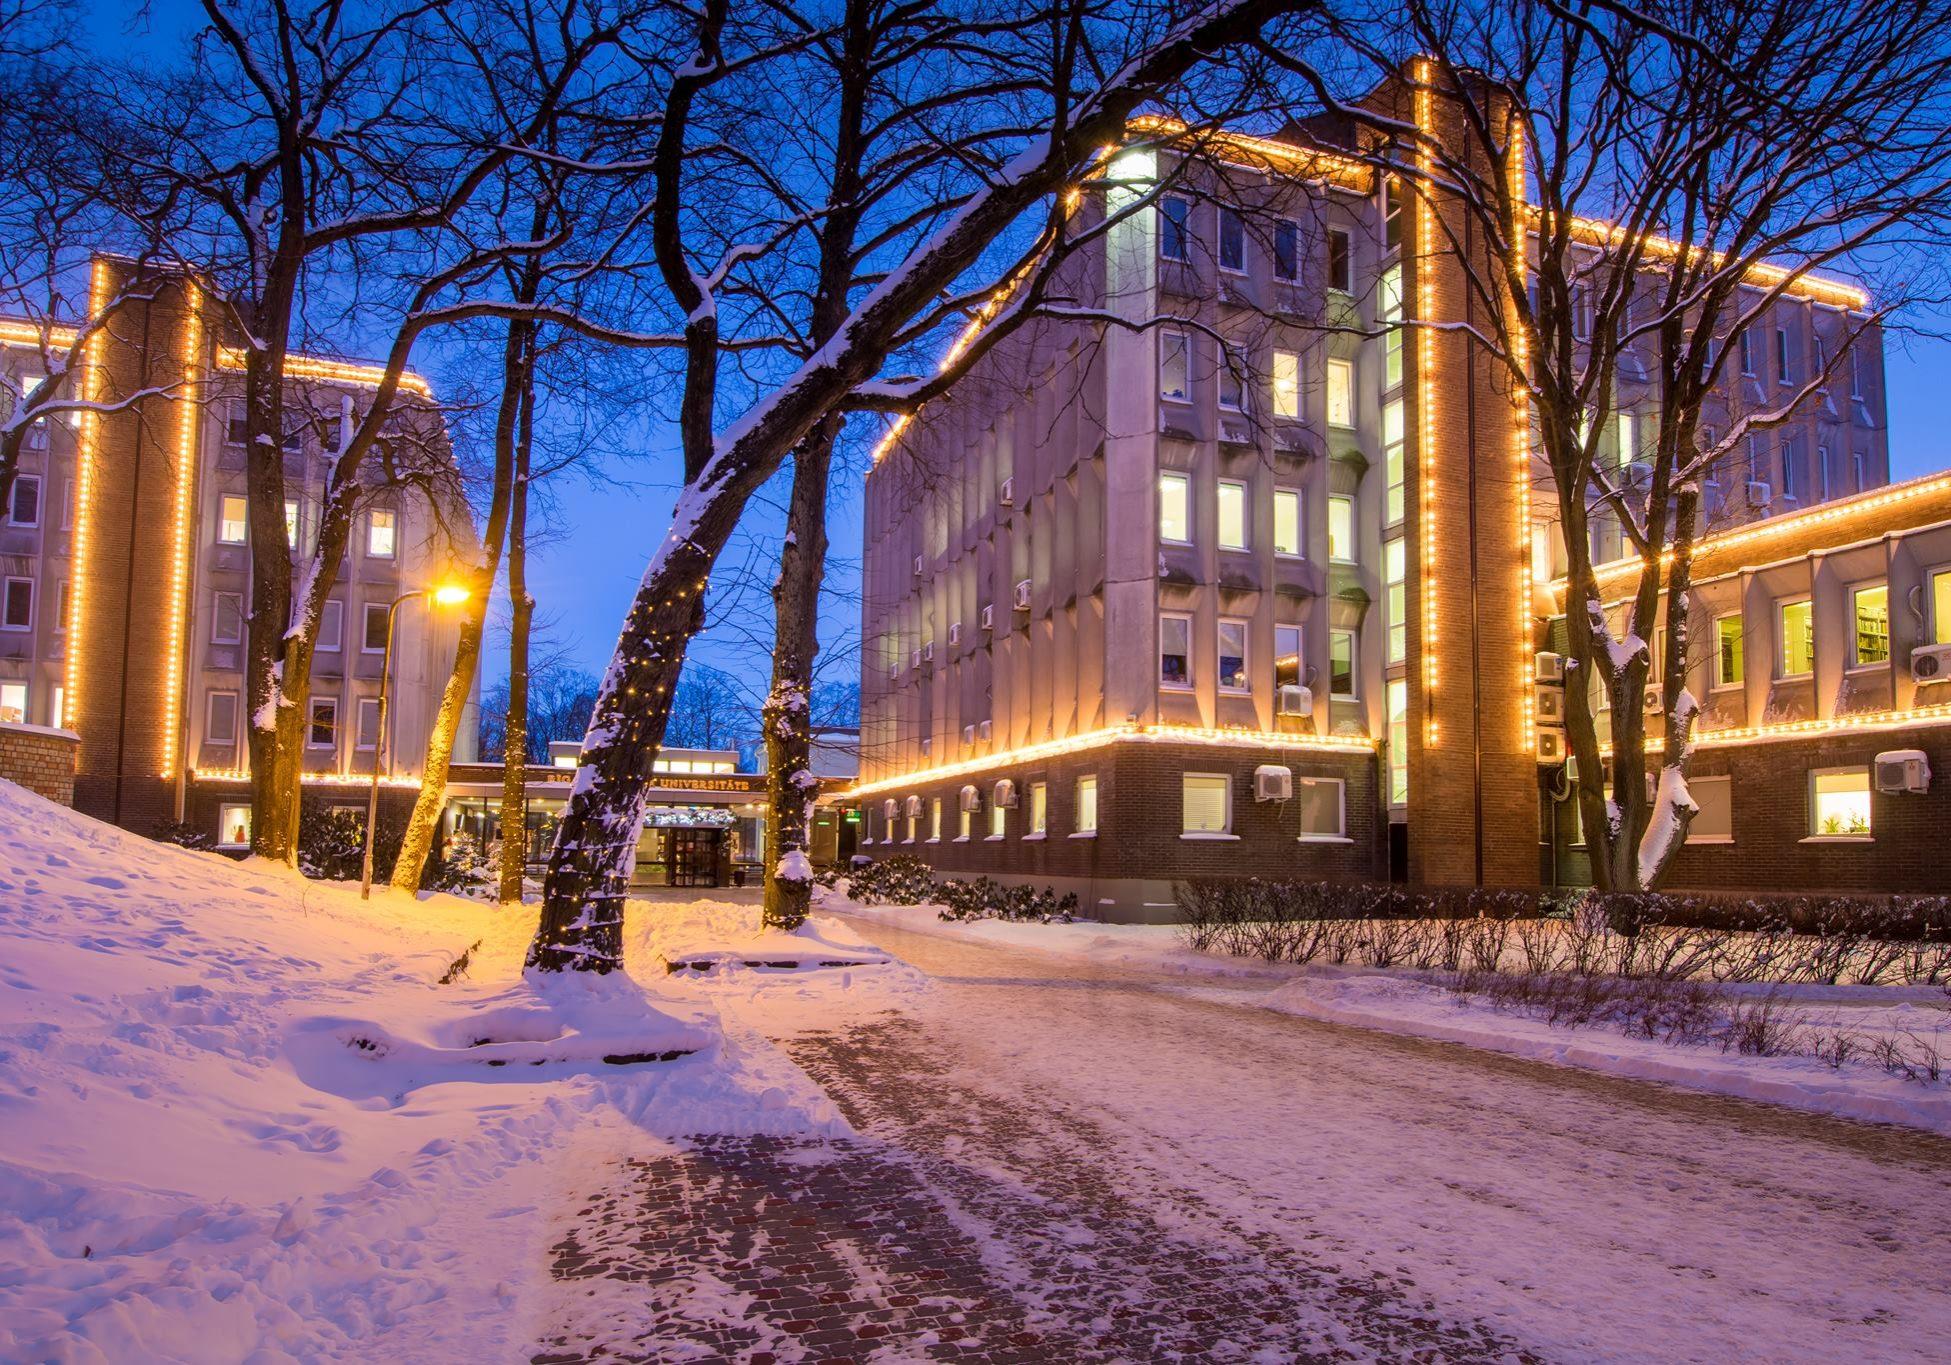 University building in winter